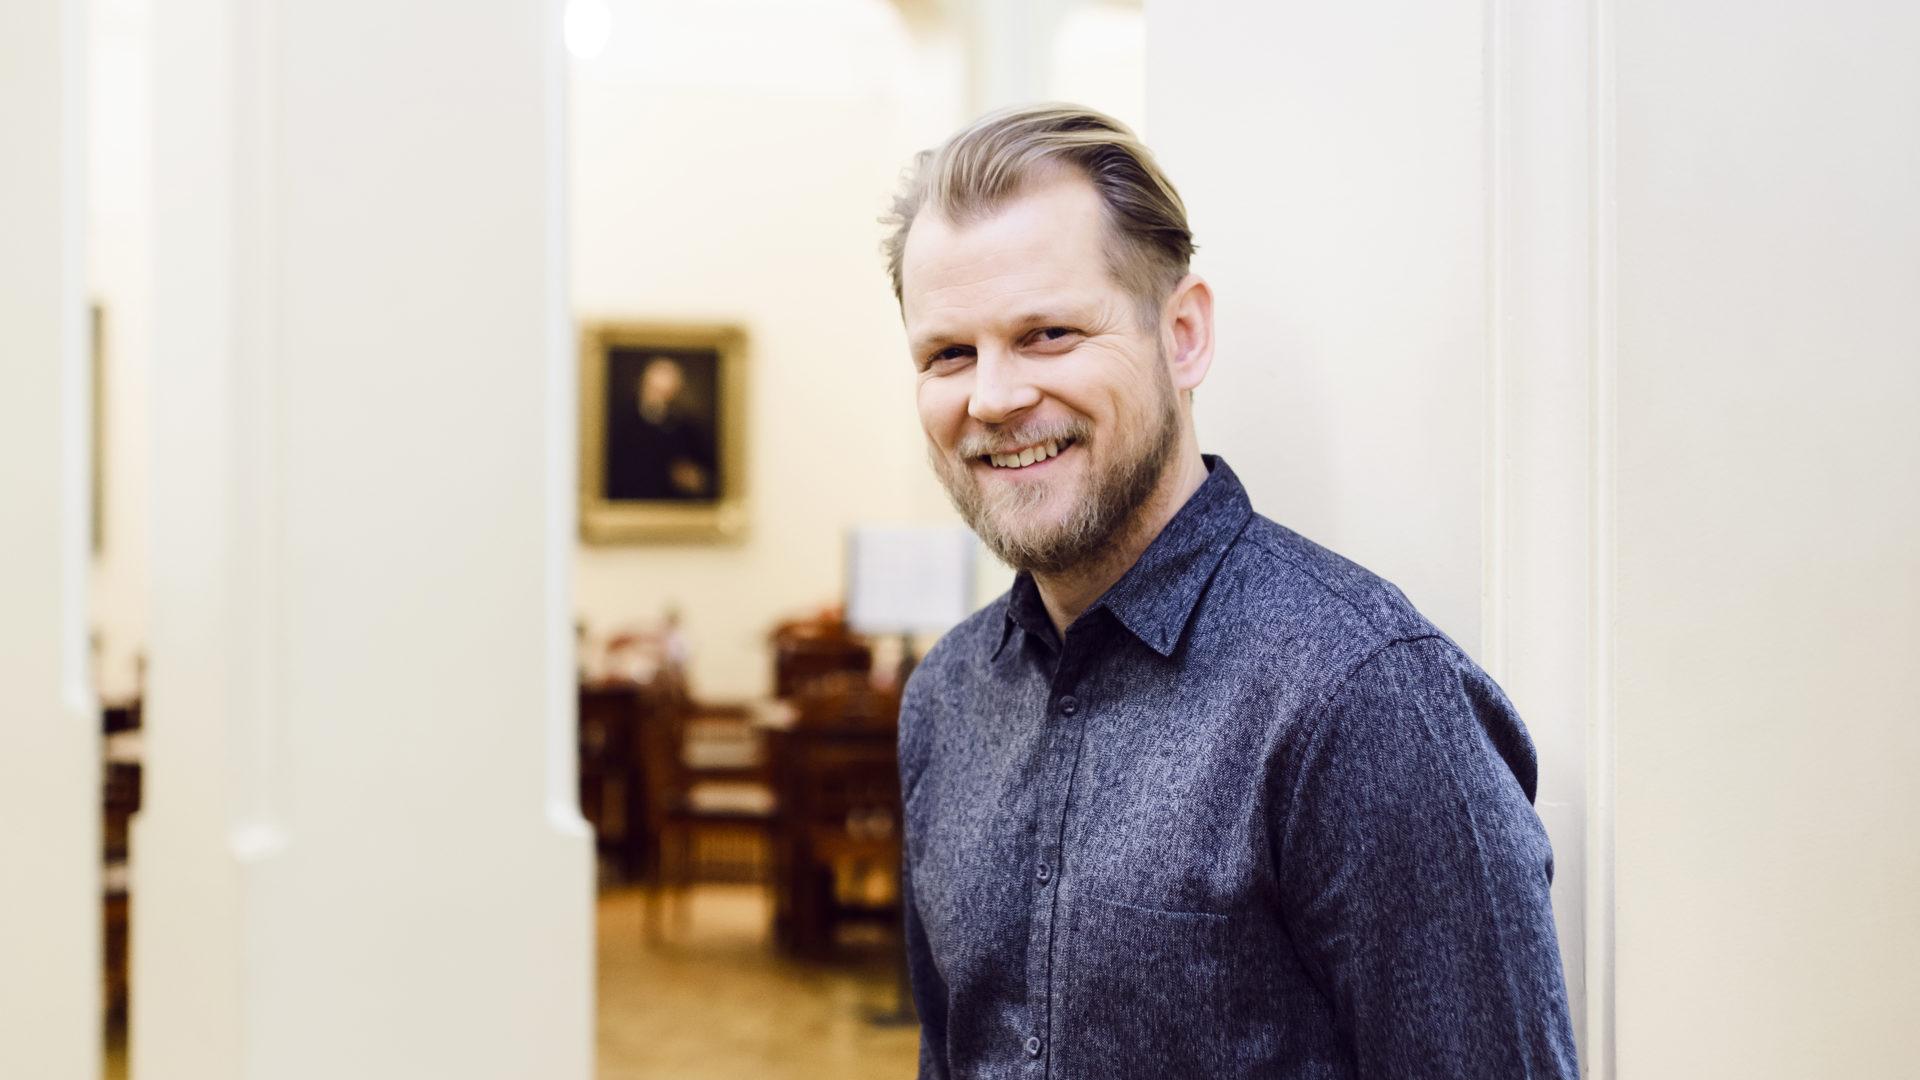 Näyttelijä Antti Luusuaniemen mielestä erilaiset odotukset joulusta saattavat aiheuttaa kitkaa perheenjäsenten välille.